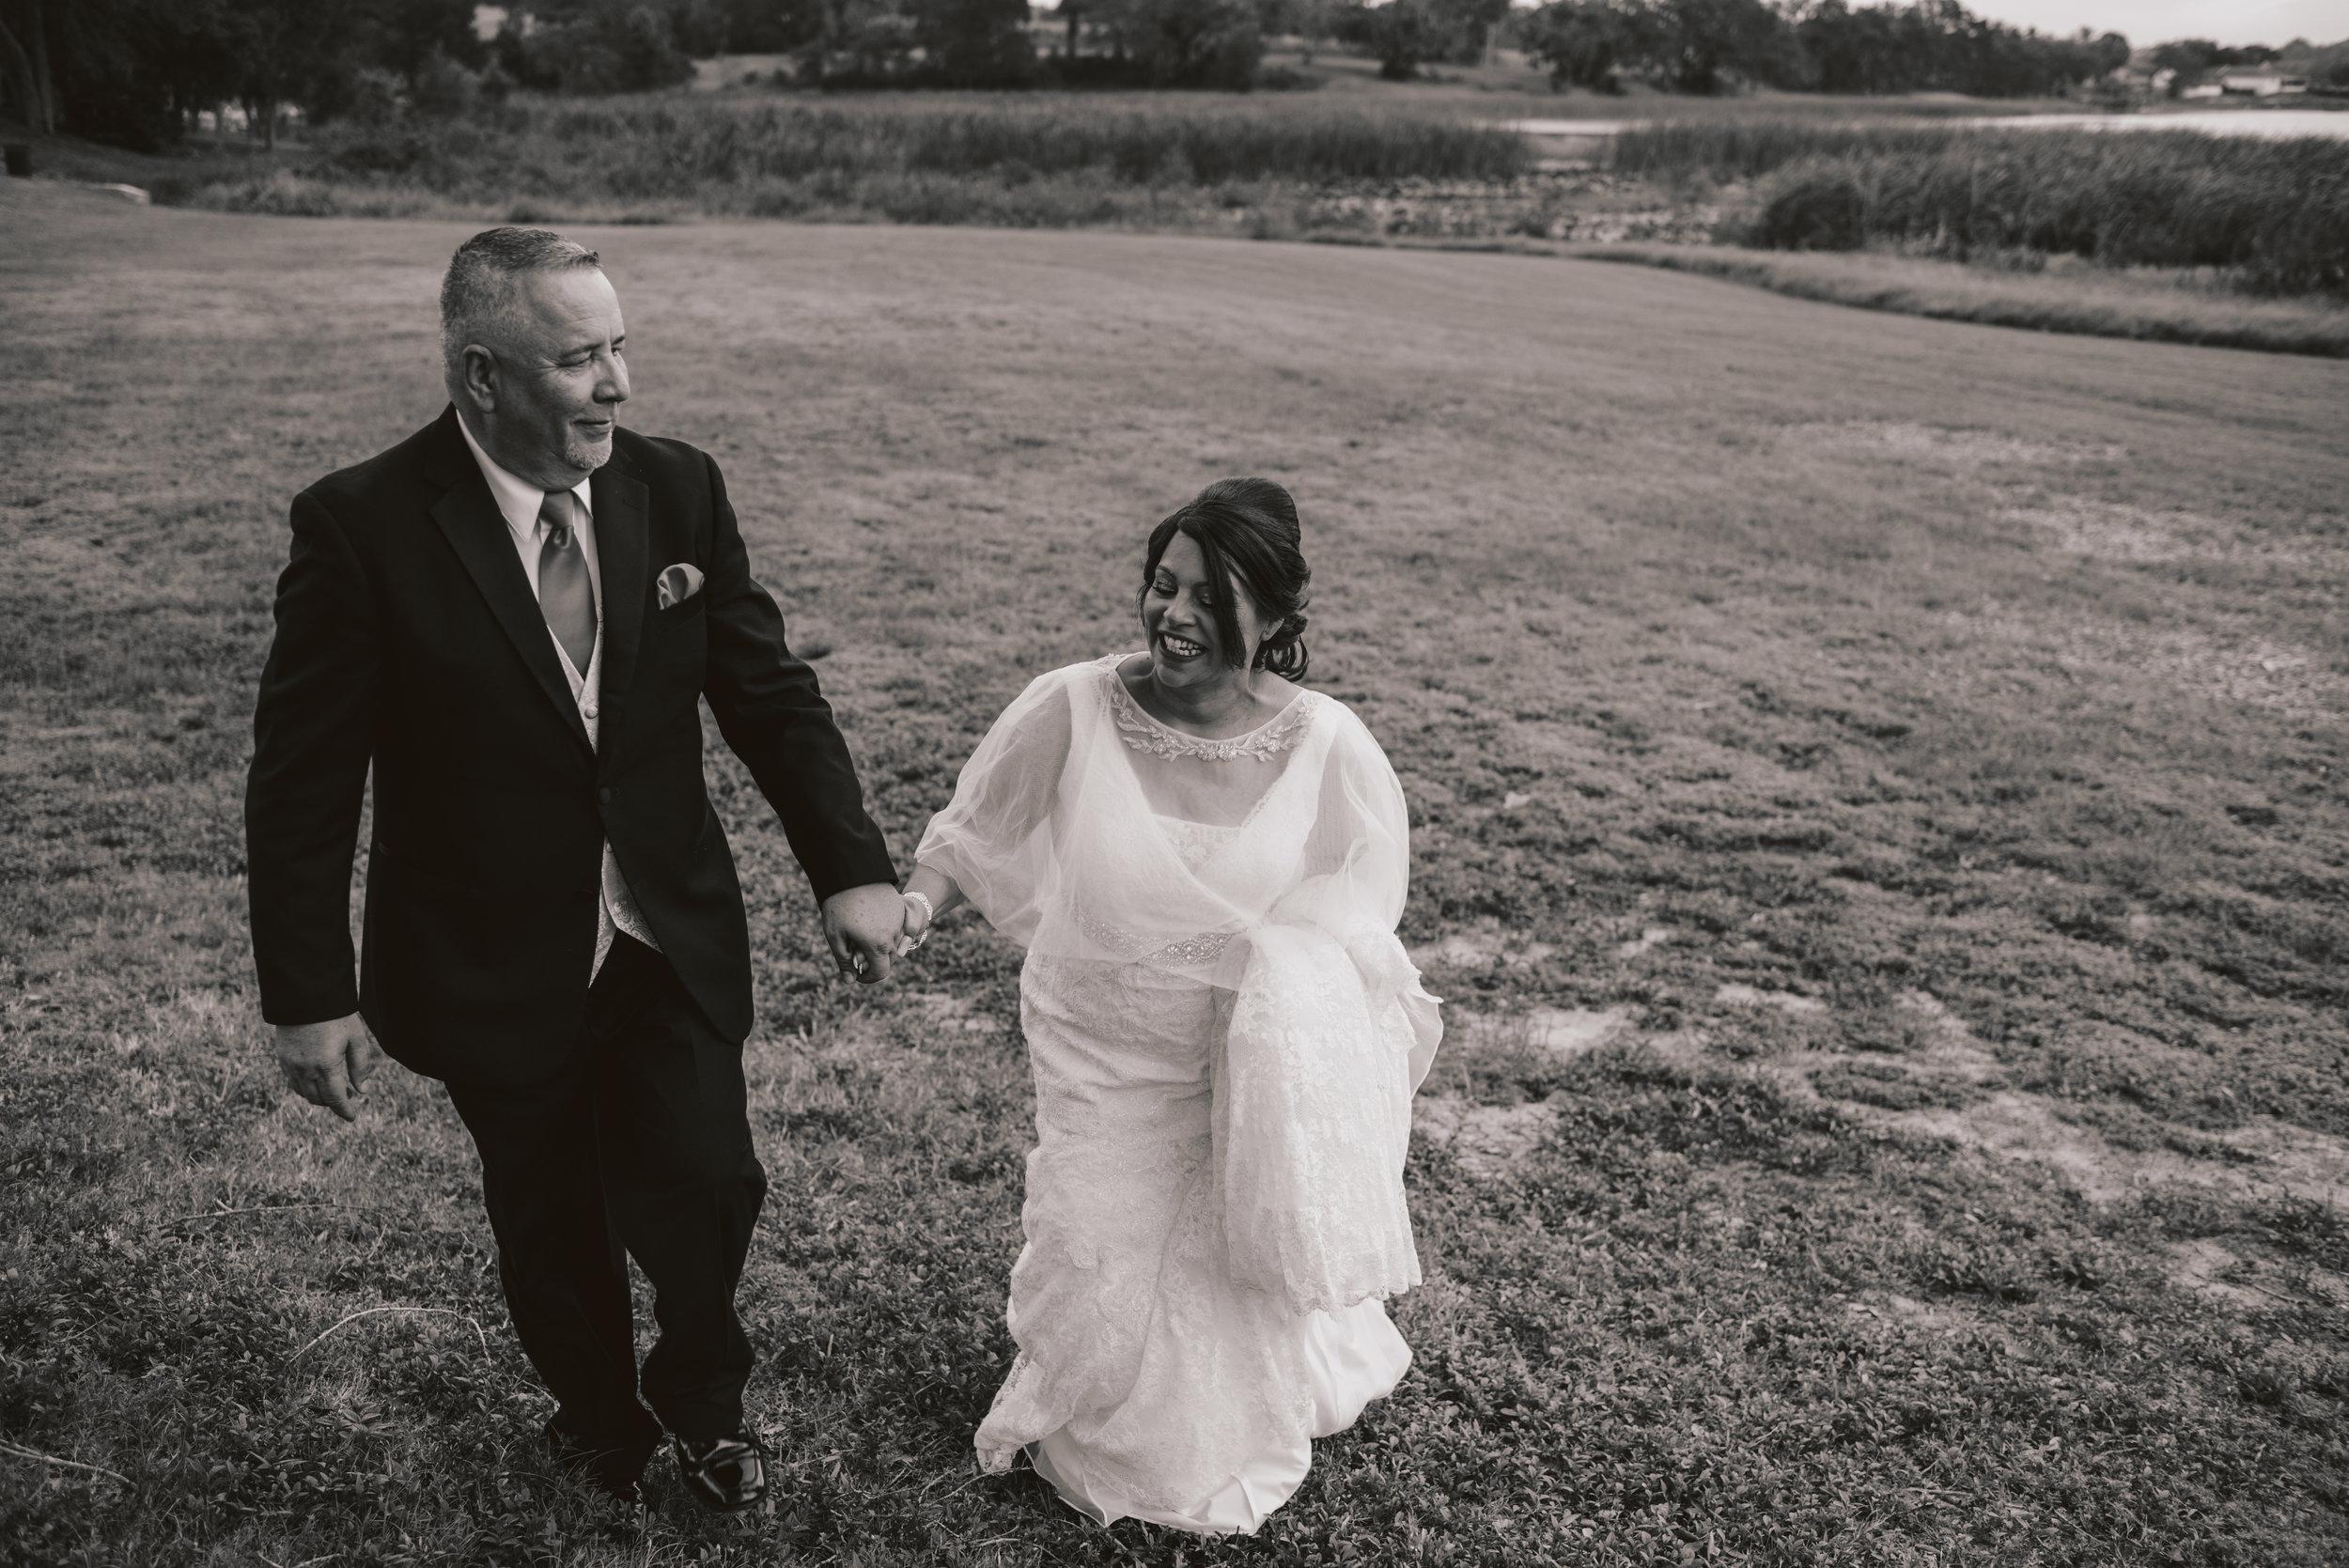 Los-Vargas-Photo-Wedding-Vow-Renewal-Central-Florida-159.jpg